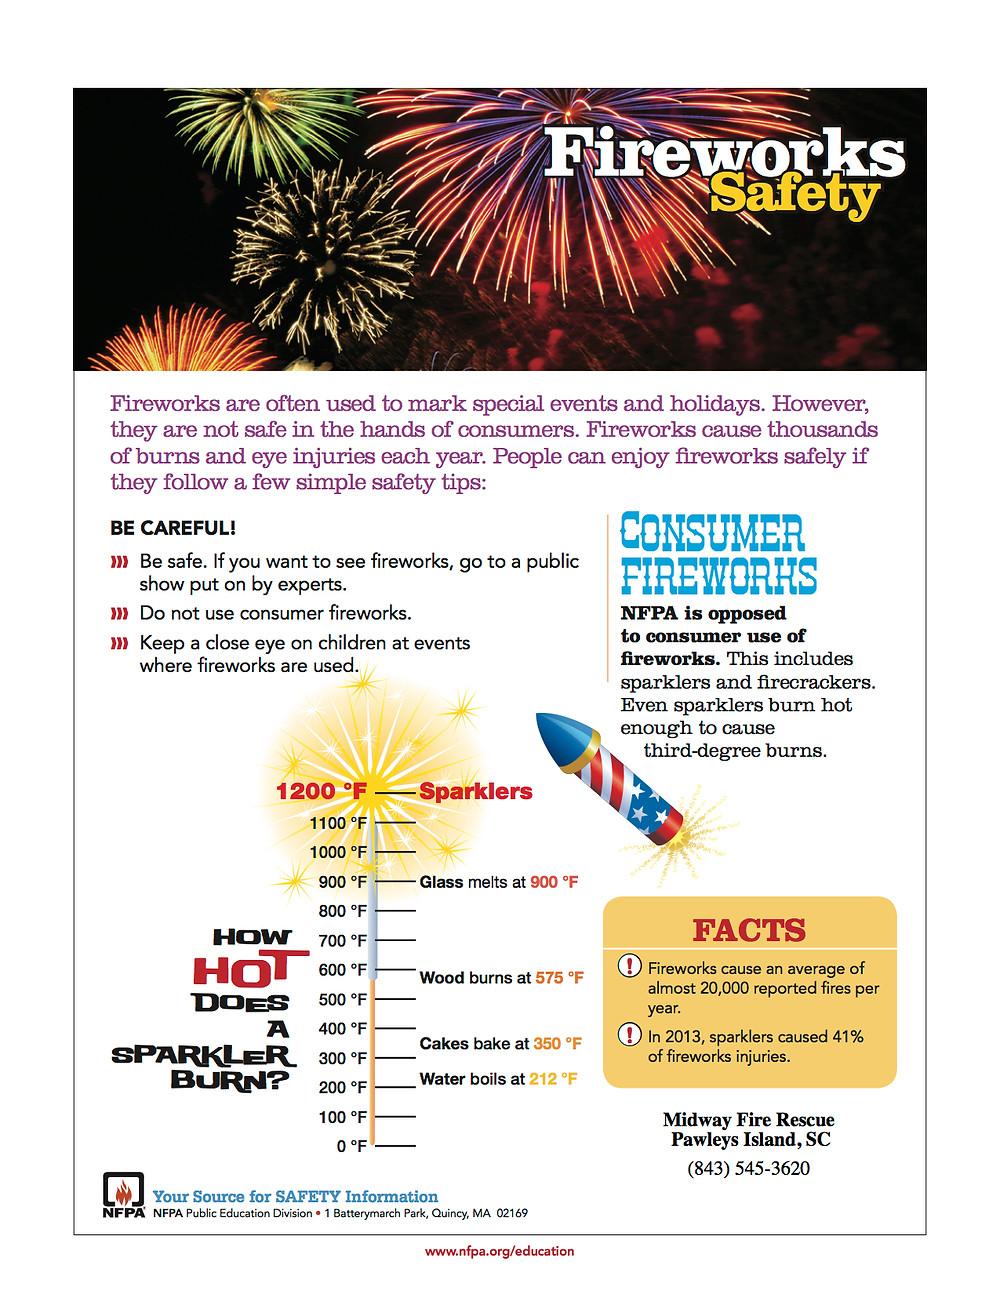 FireworksSafetyTips.jpg